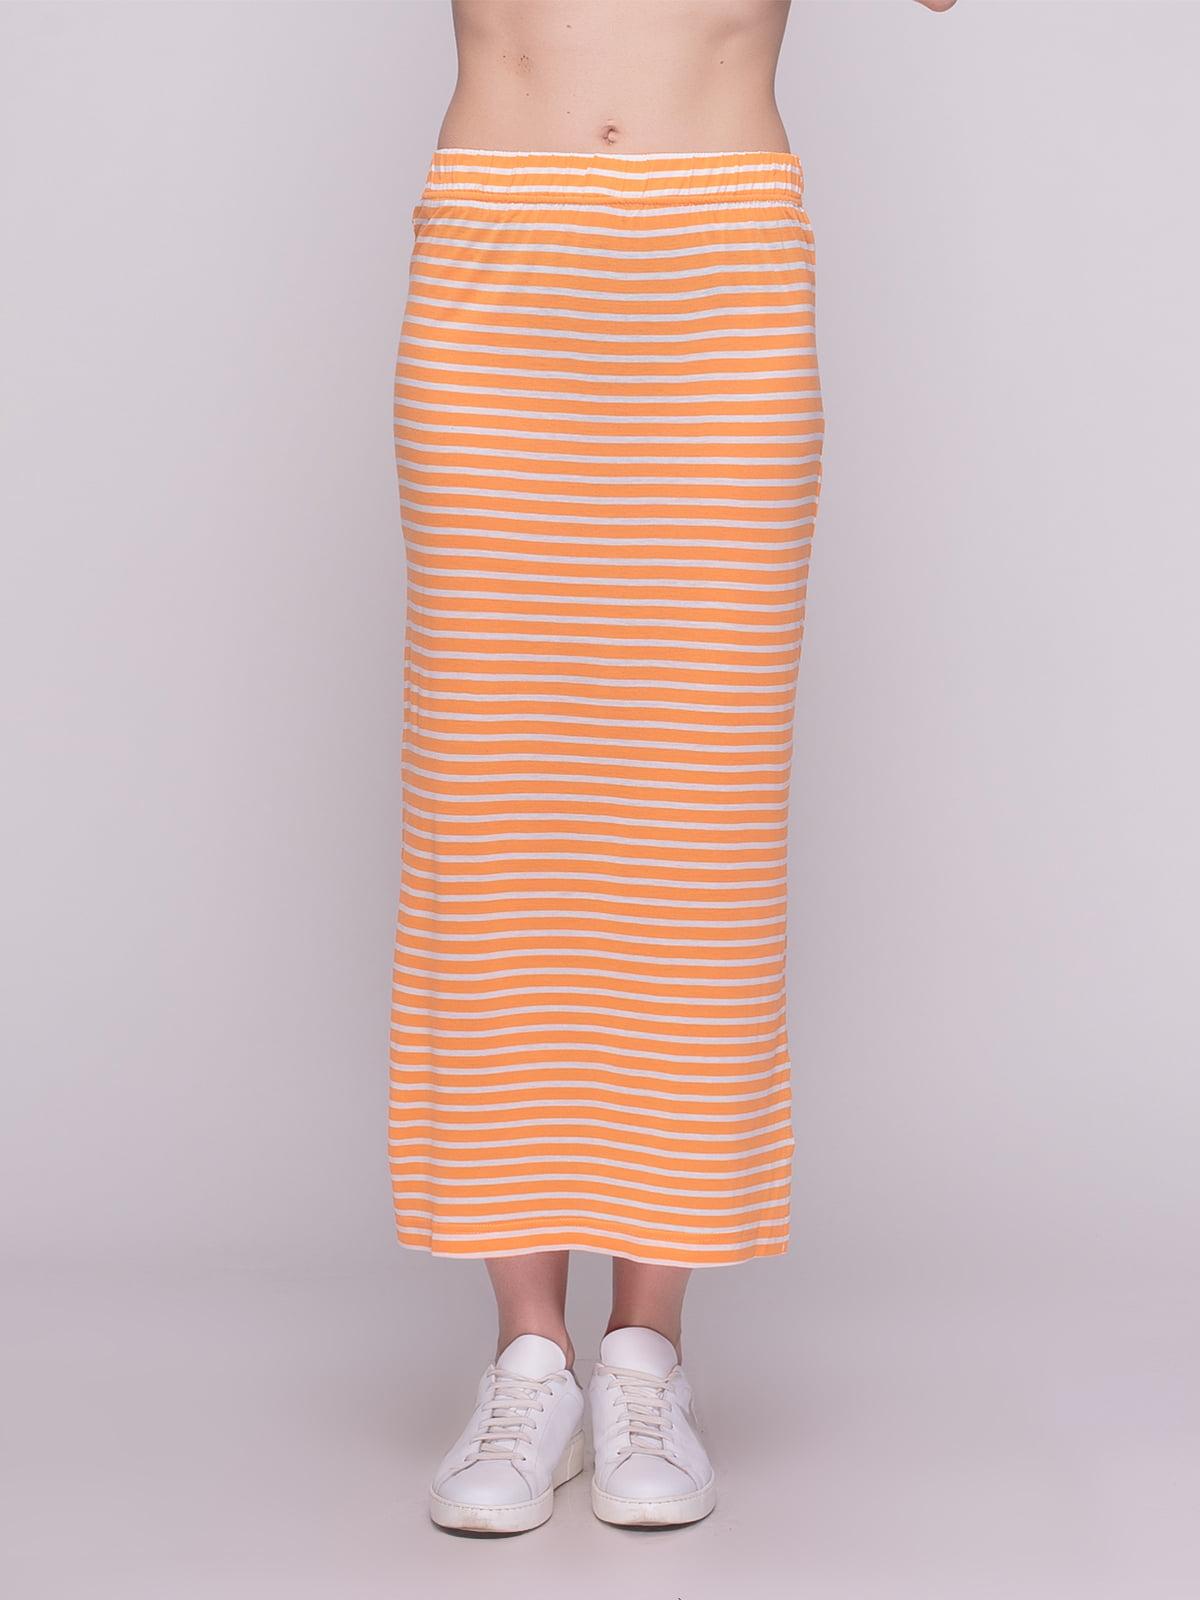 Юбка оранжевая в полоску | 4210216 | фото 2